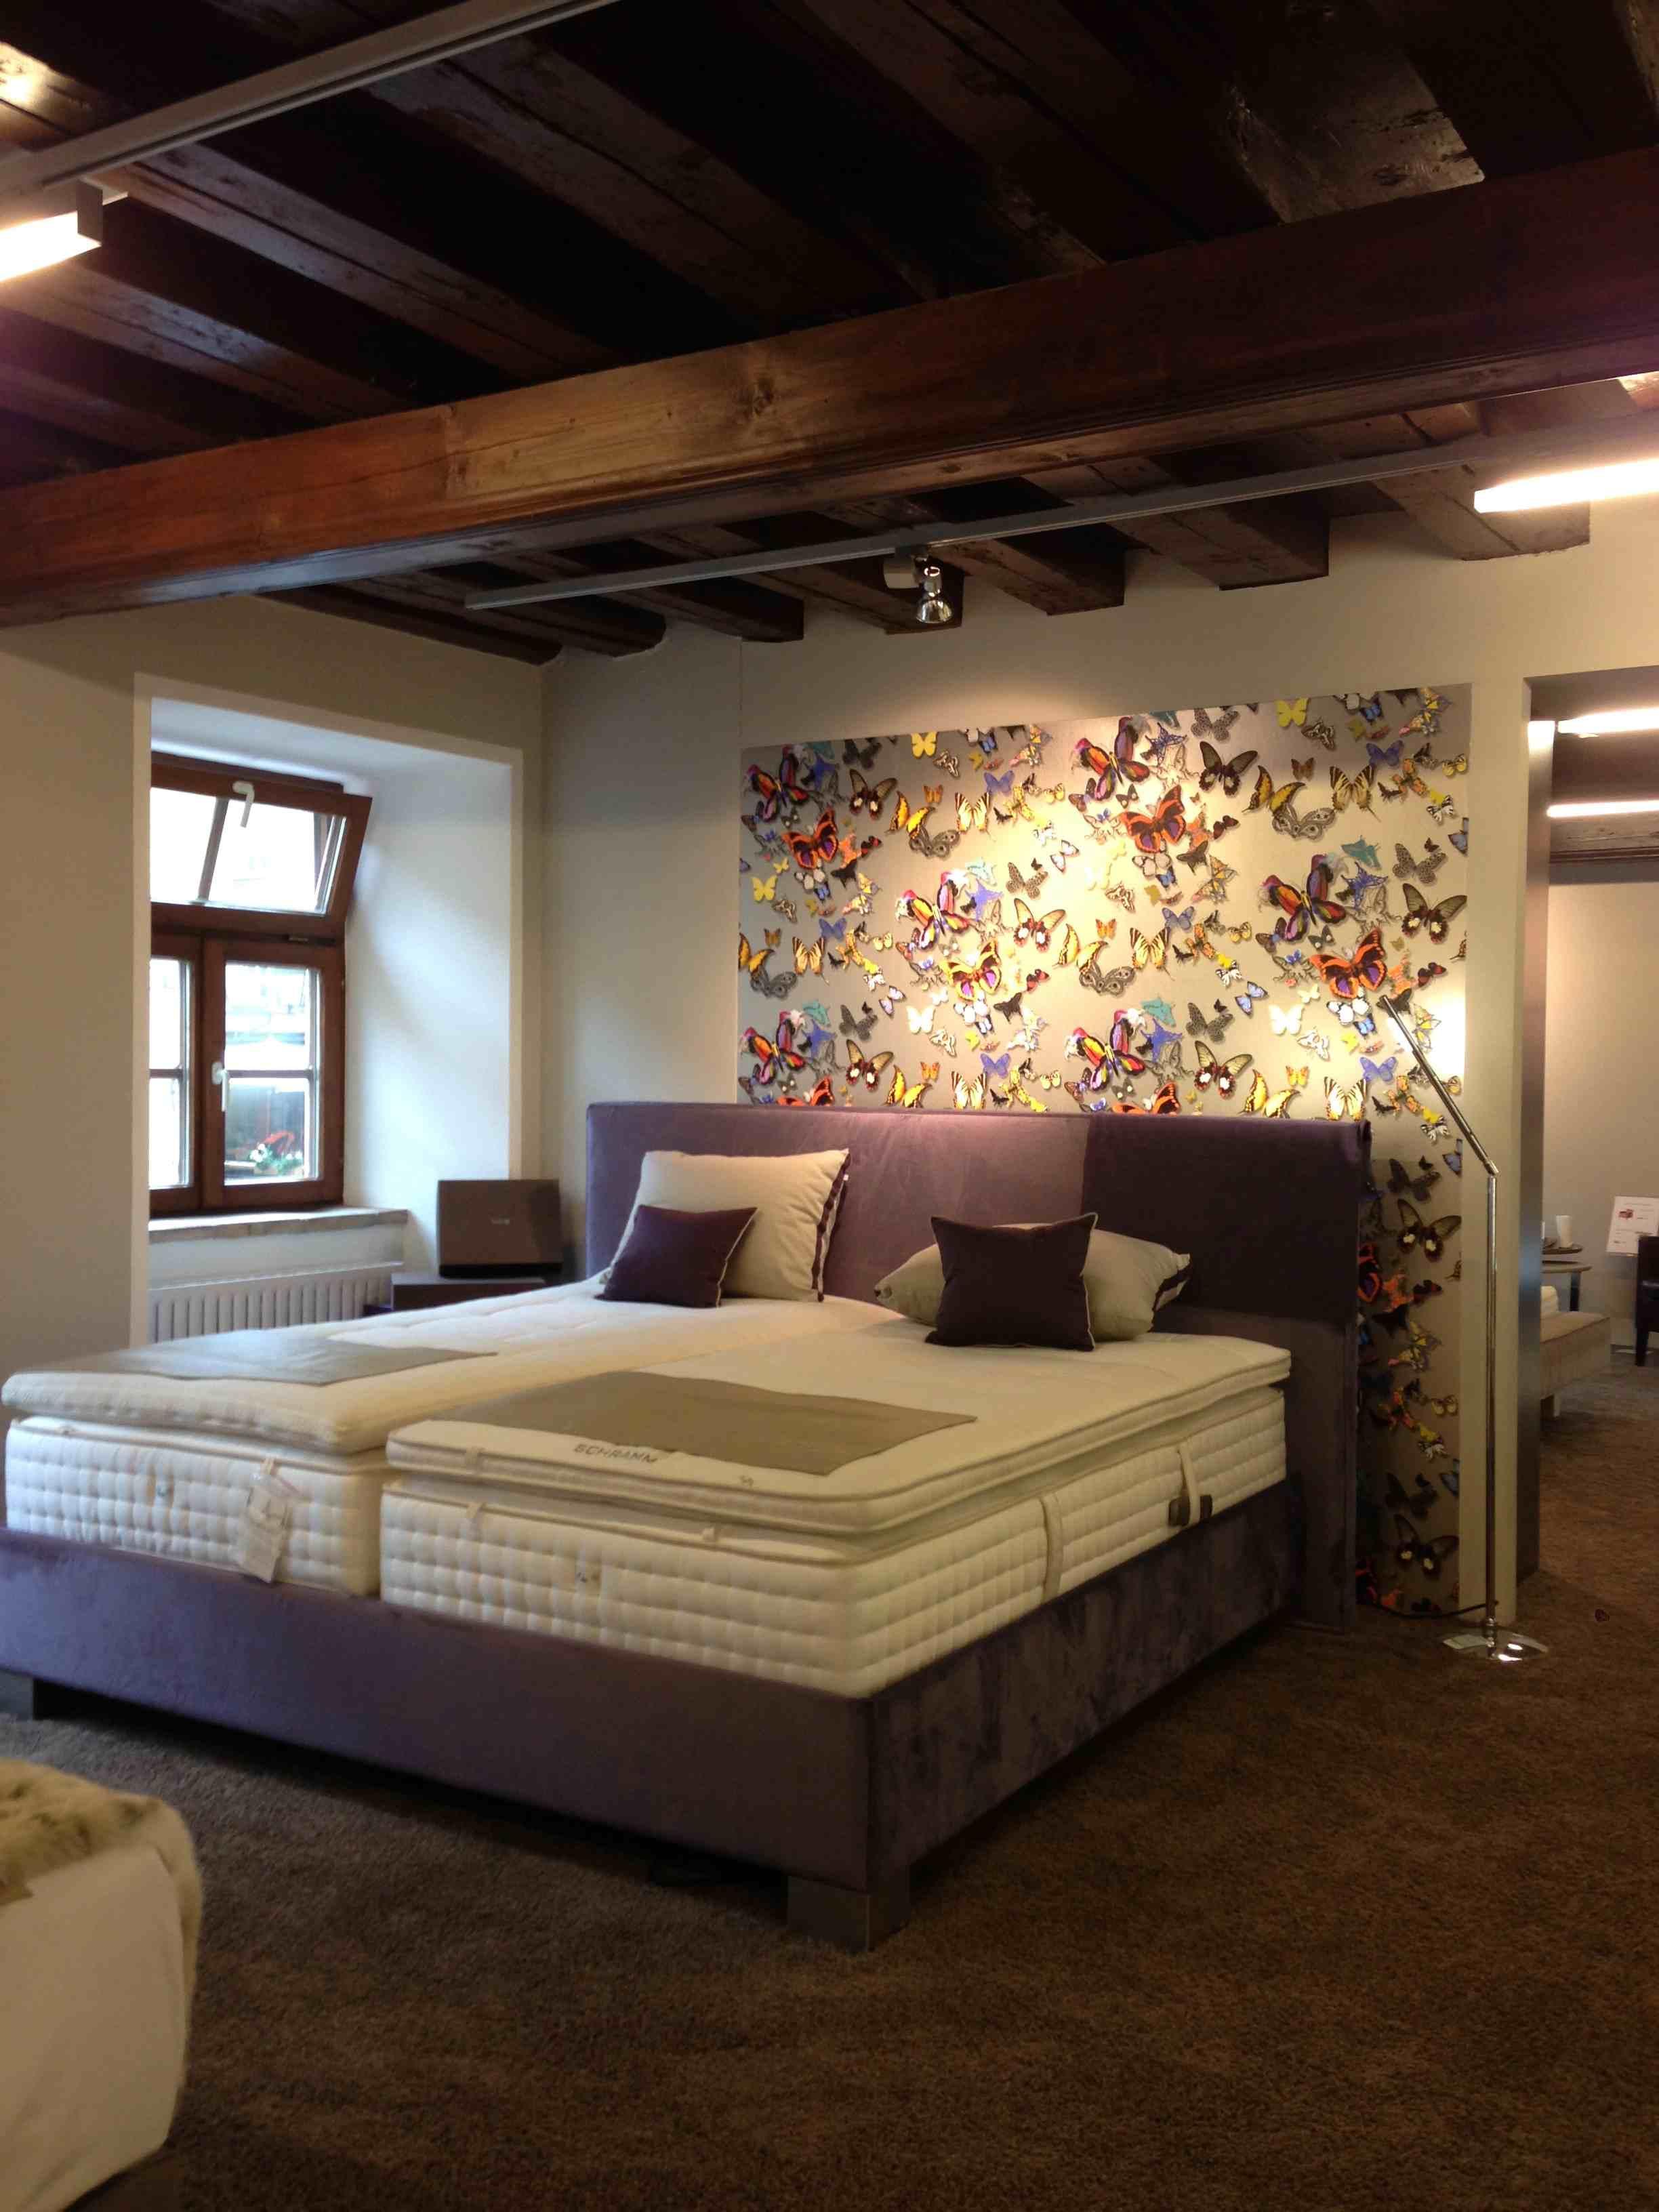 zuwachs f r unser schramm bettenstudio betten klobeck. Black Bedroom Furniture Sets. Home Design Ideas